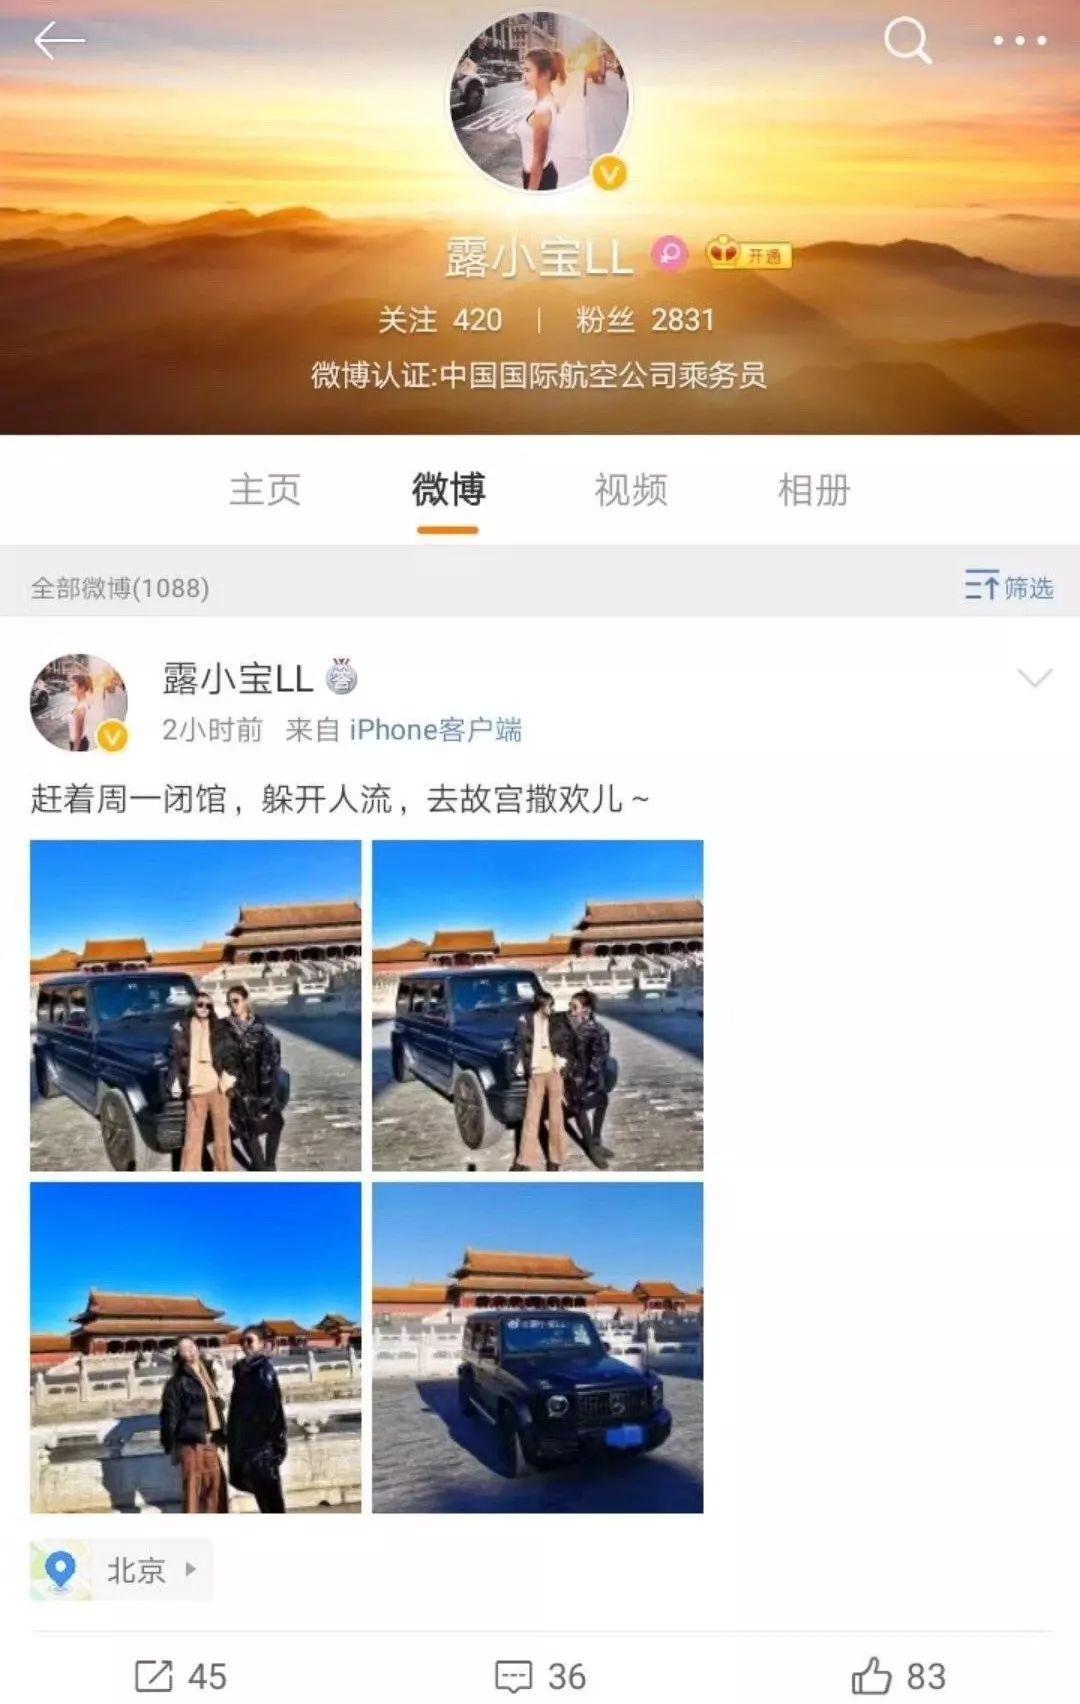 女子炫耀开大奔进故宫后 删光所有微博